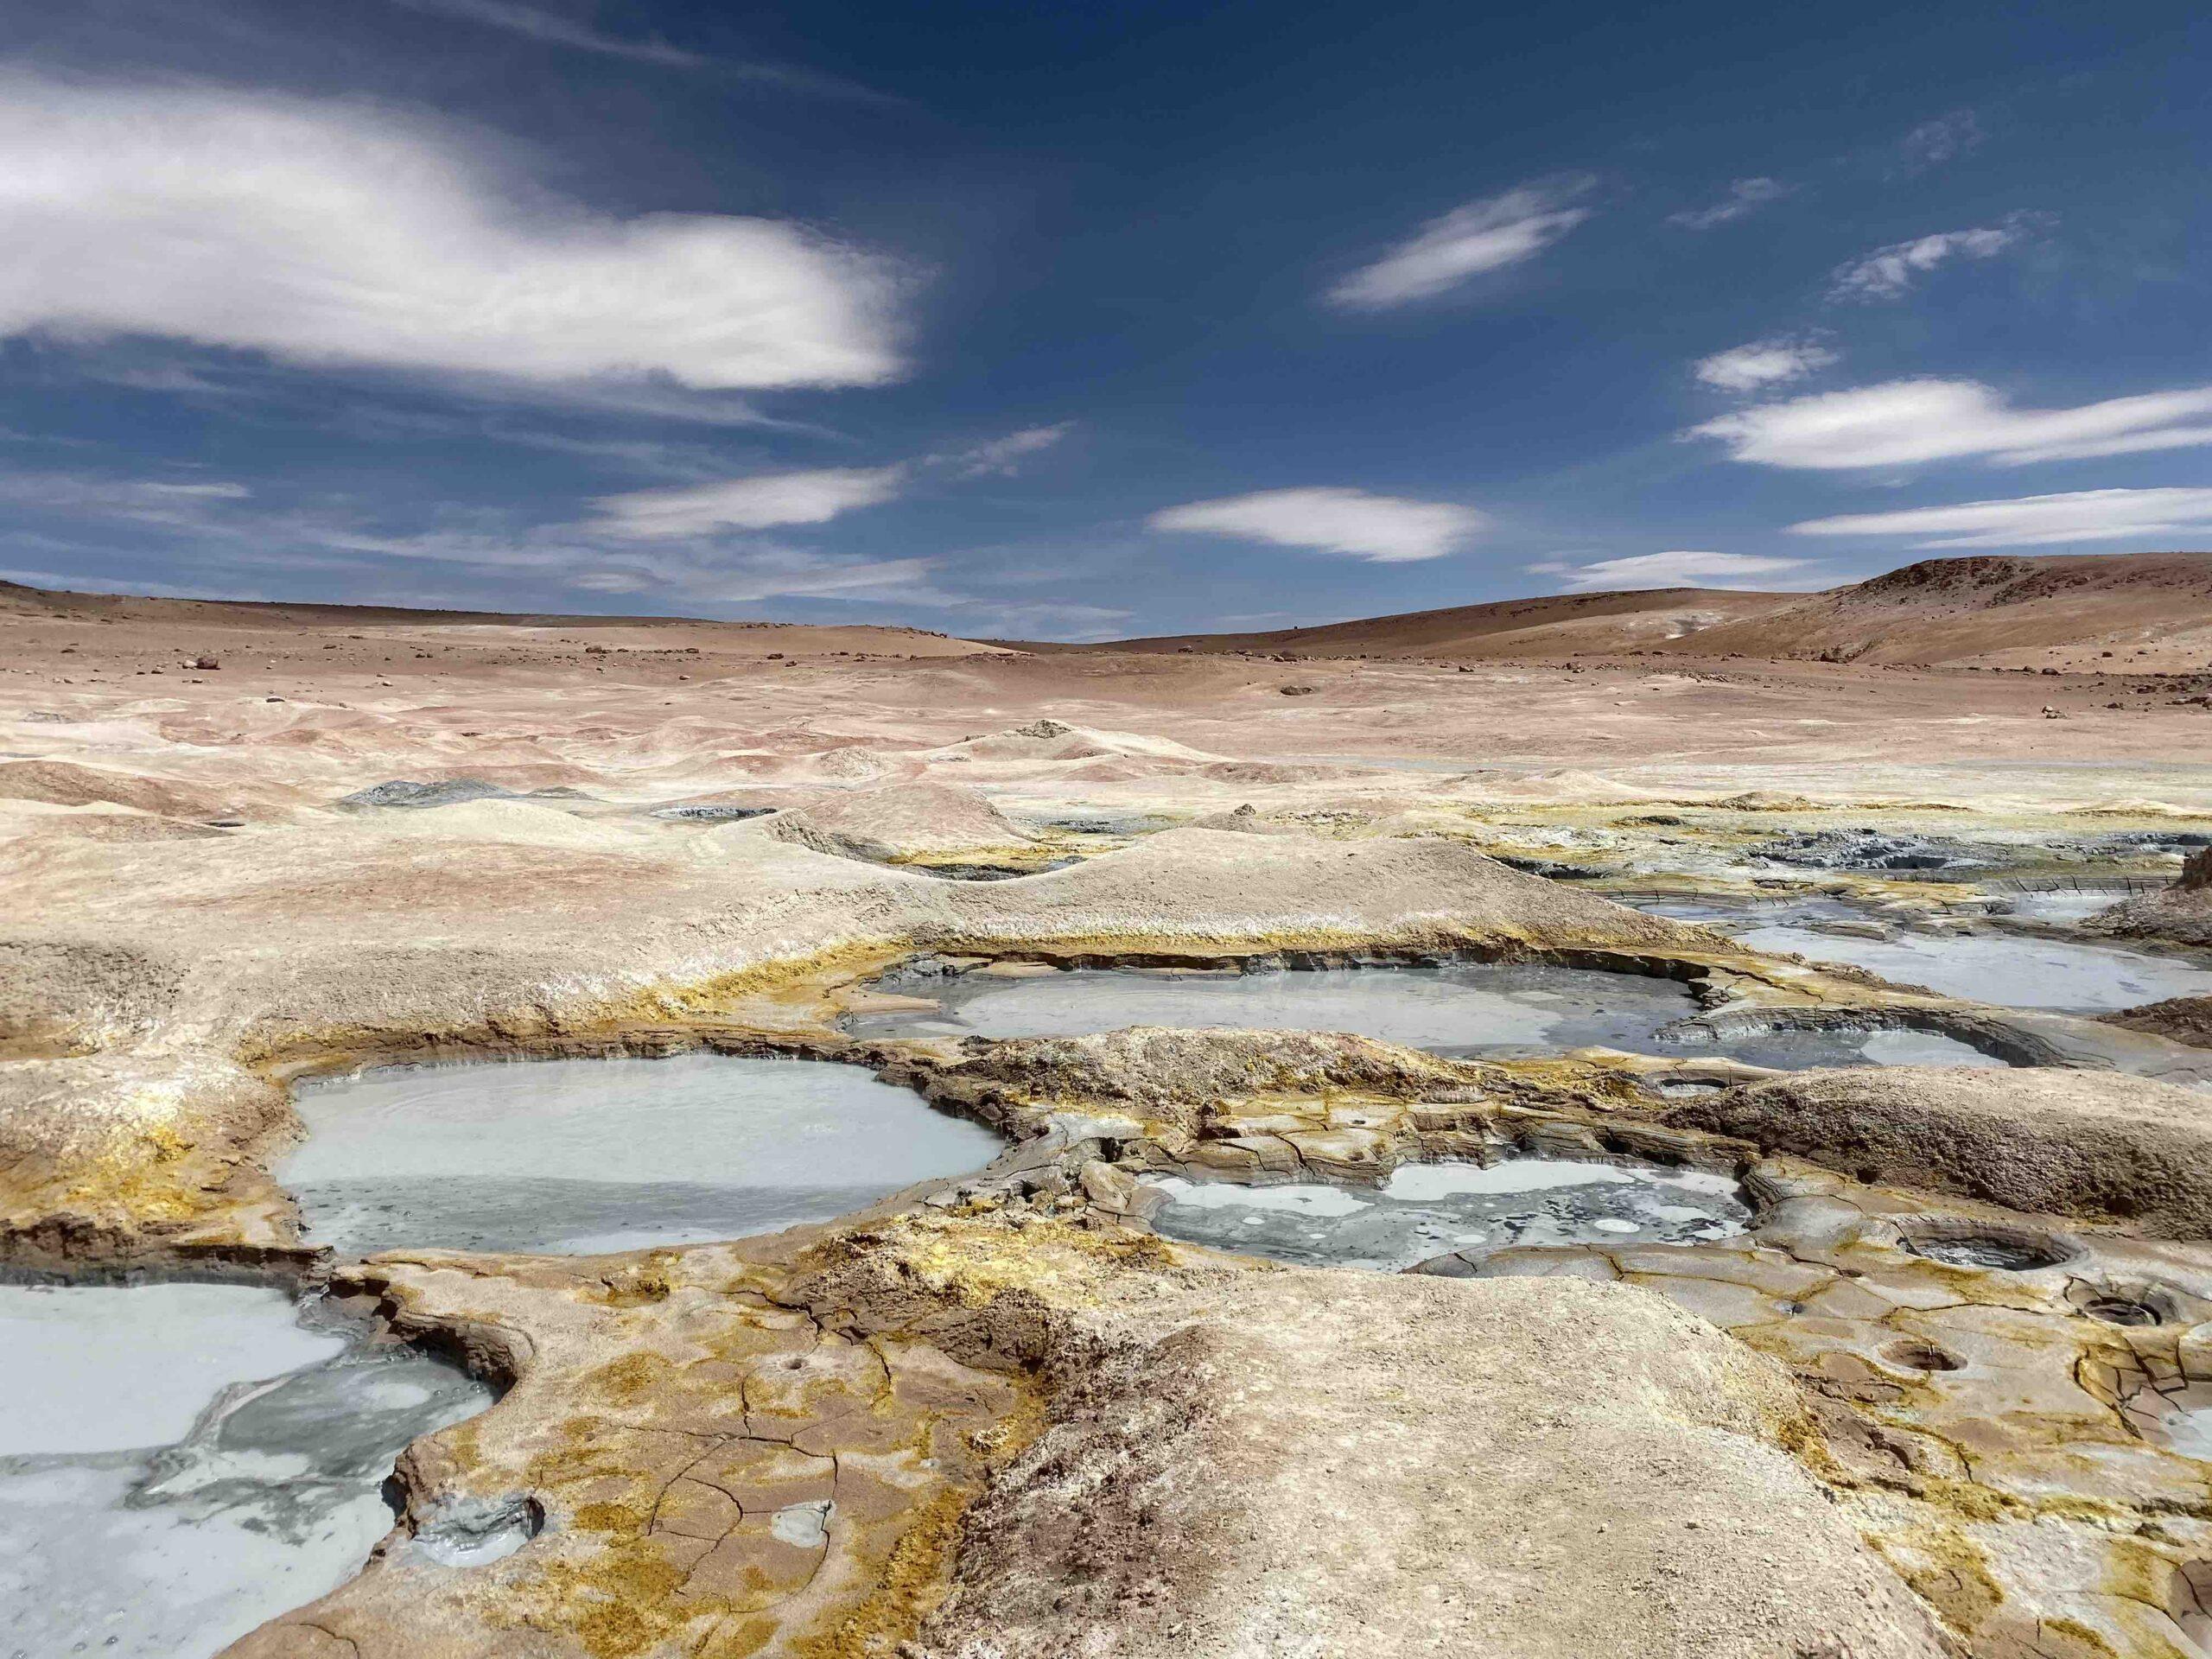 Reise in Bolivien in Südamerika. Naturbild vom Geysirfeld Sol de Manana im Altiplano Hochland.